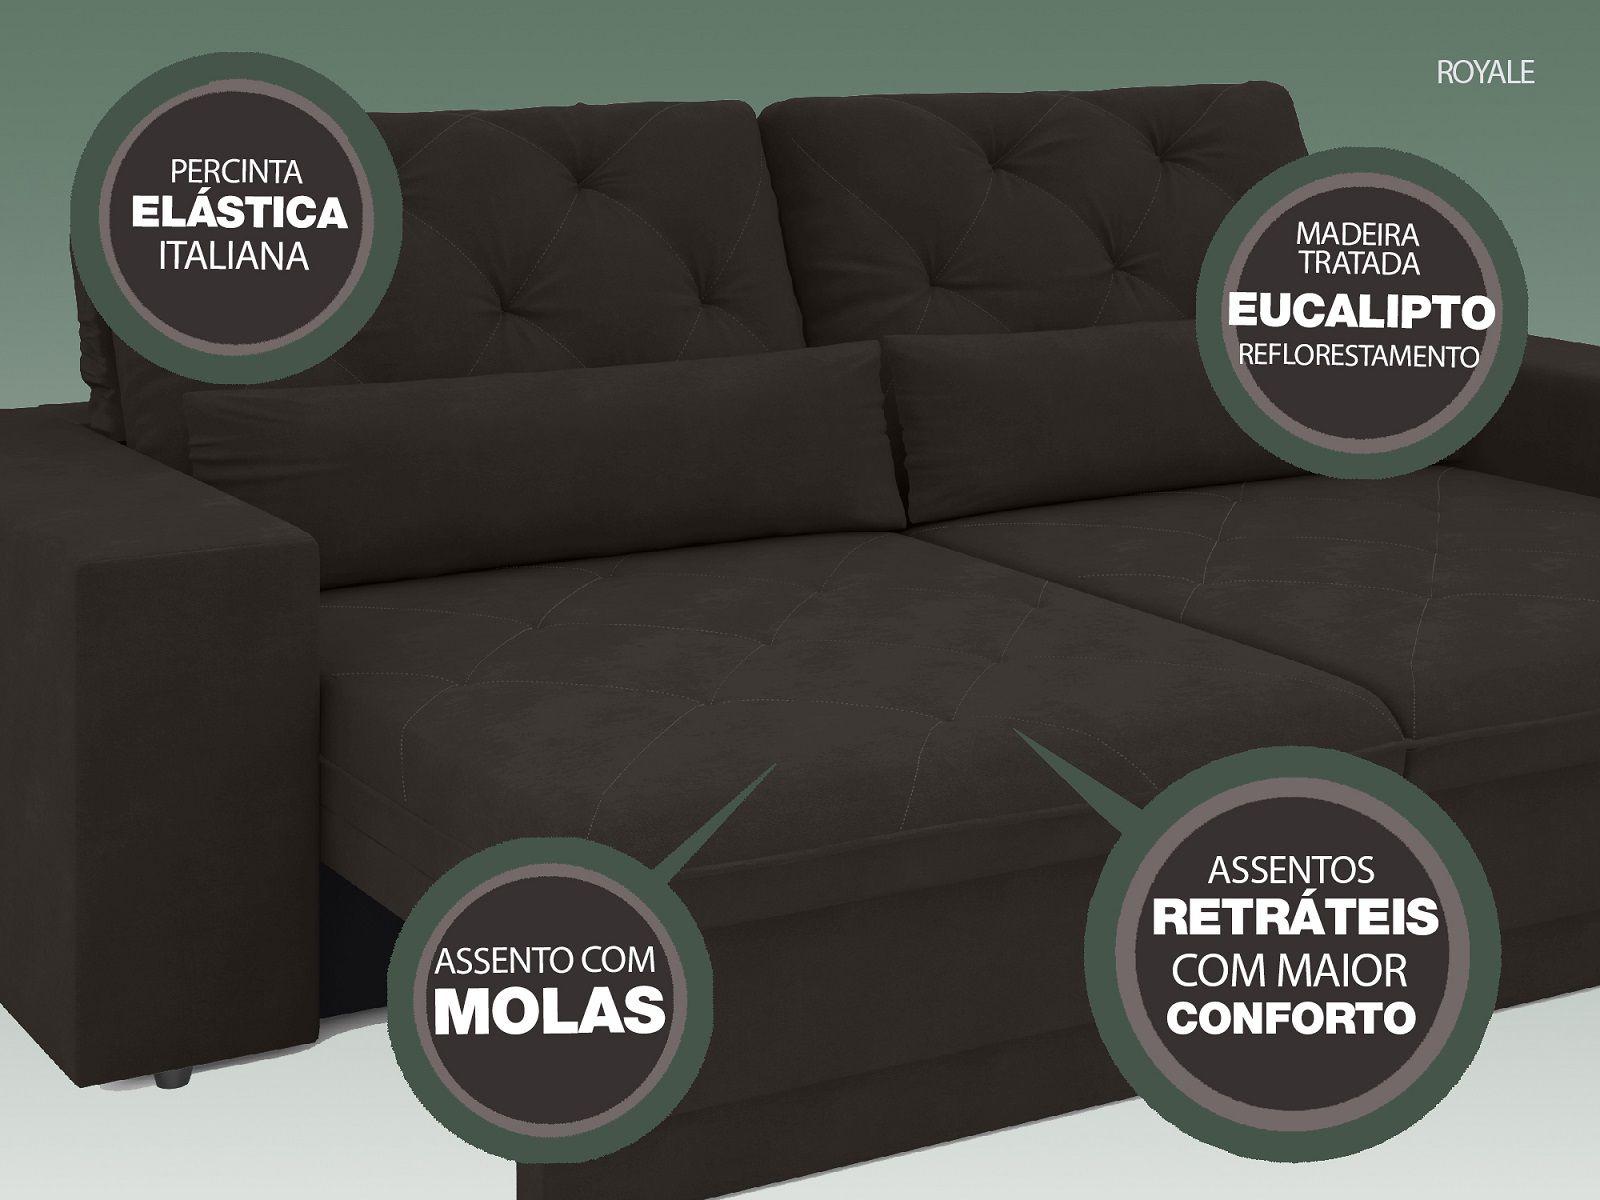 Sofá 4 Lugares Net Royale Assento Retrátil e Reclinável Chocolate 2,30m (L)  - NETSOFÁS